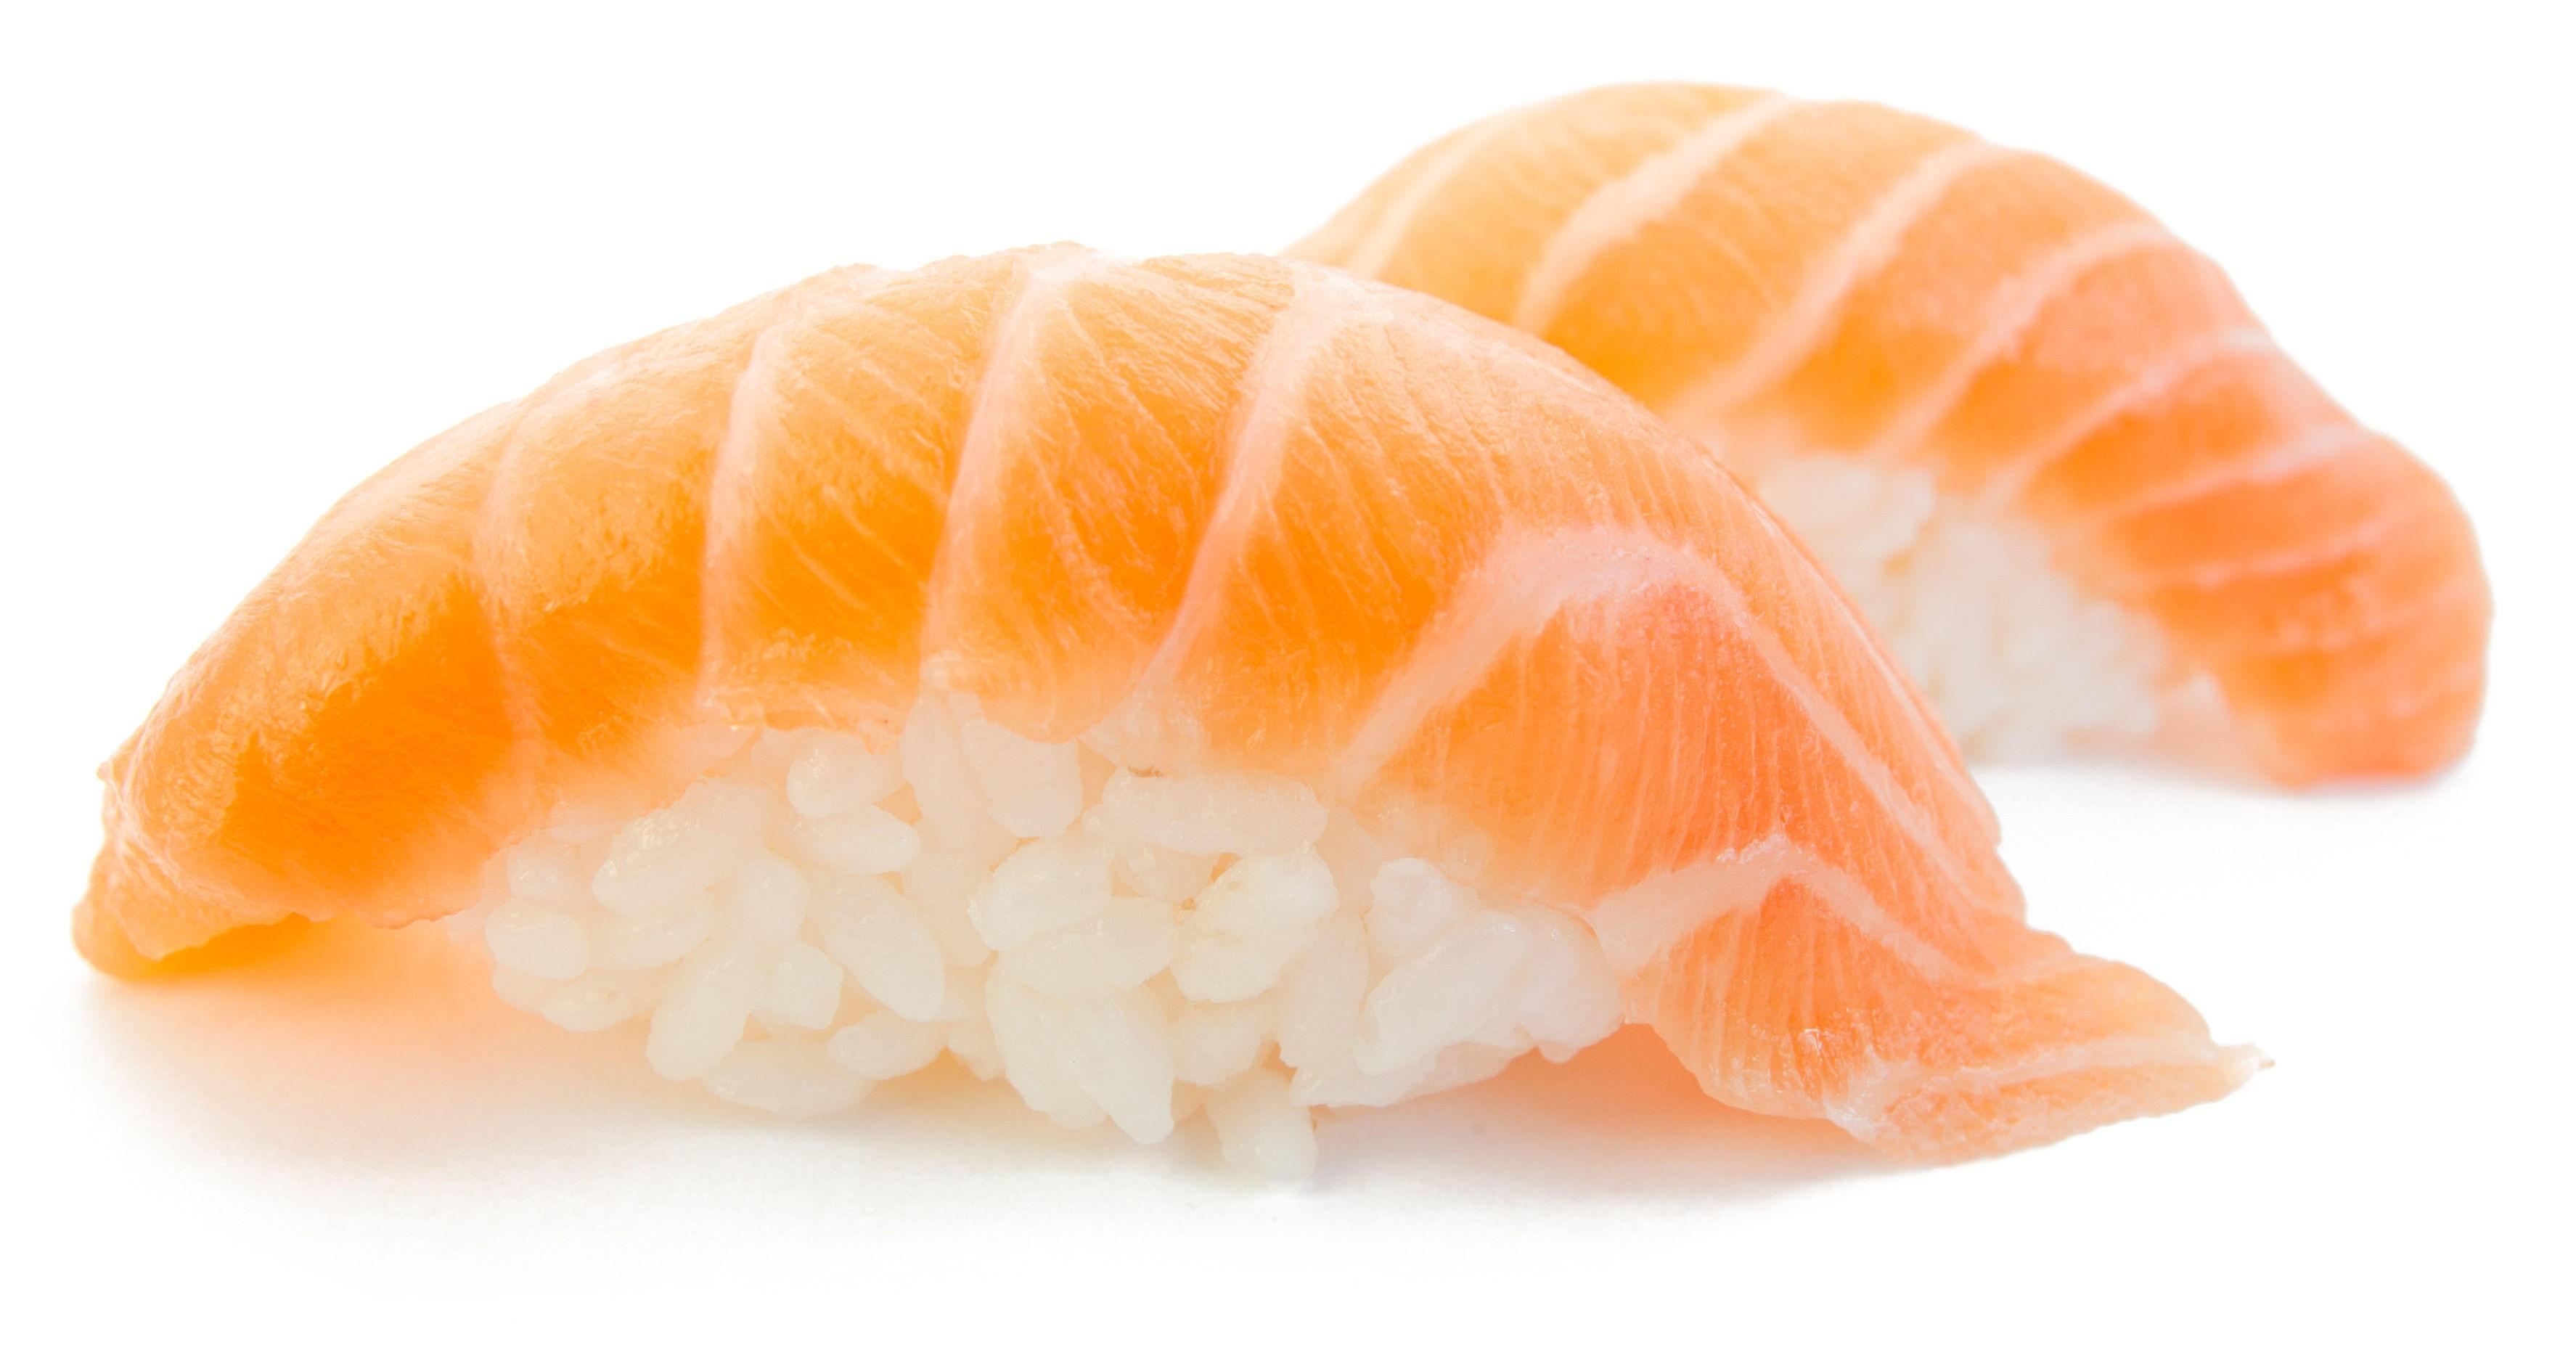 SANT ELLER USANT: Stemmer det at Norge eksporterer sushi til Japan?